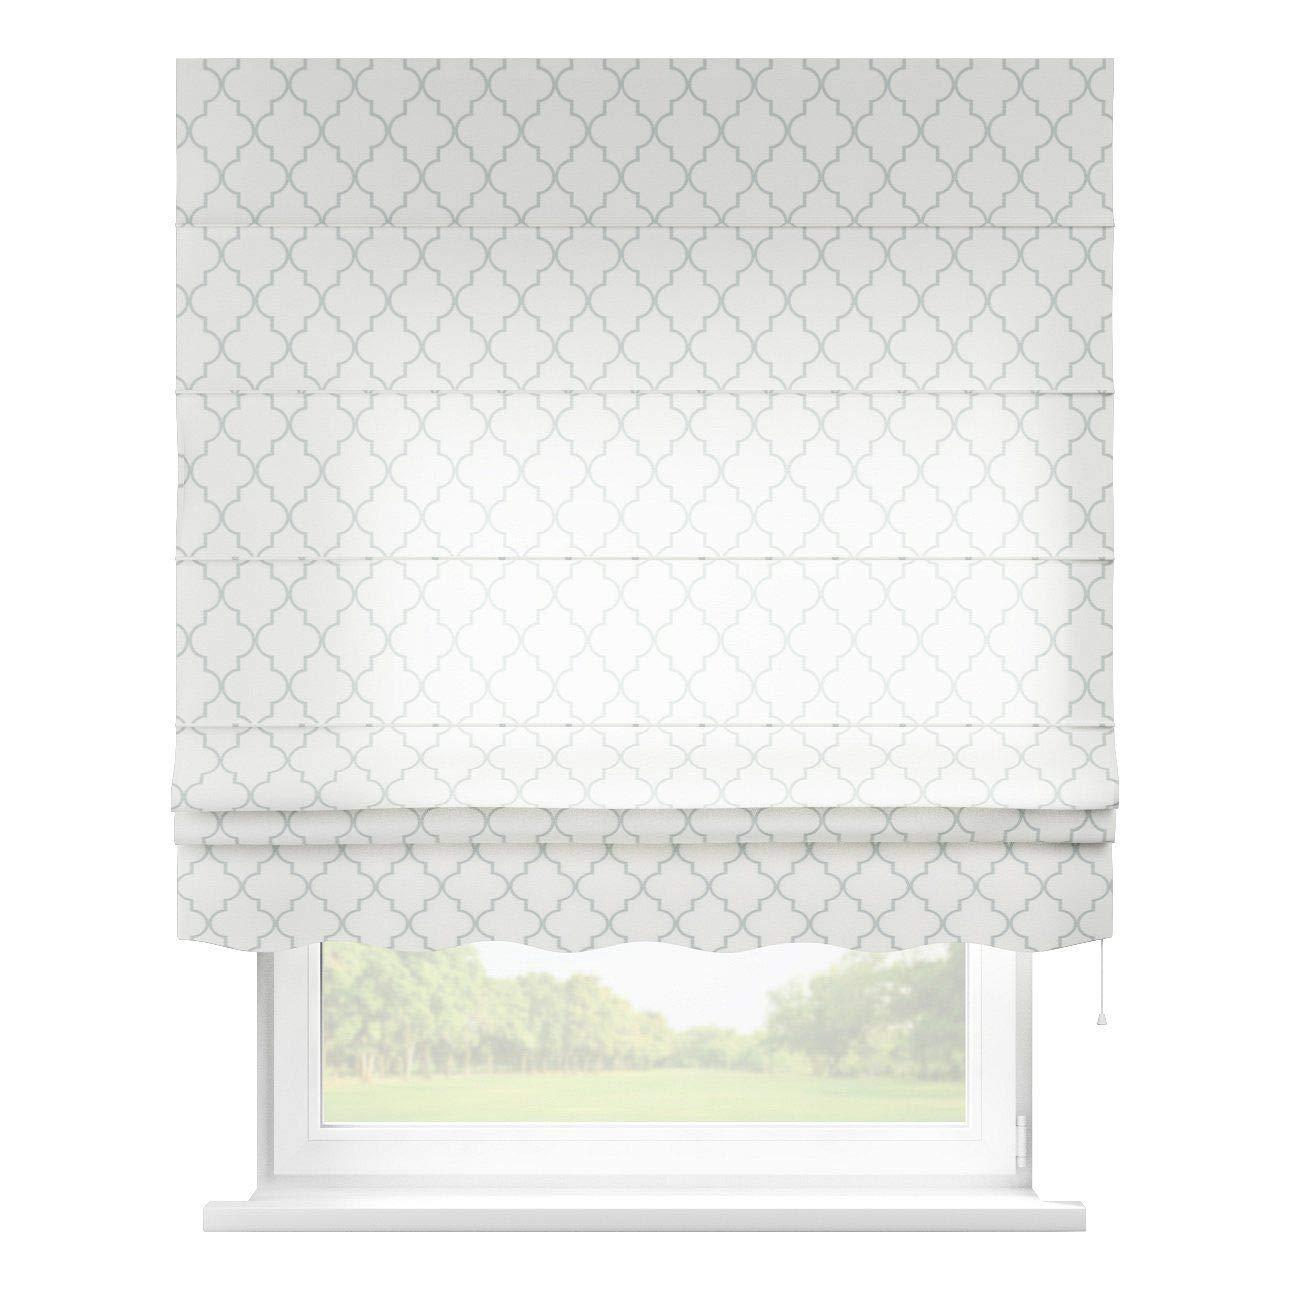 Dekoria Raffrollo Firenze ohne Bohren Blickdicht Faltvorhang Raffgardine Wohnzimmer Schlafzimmer Kinderzimmer 130 × 170 cm weiß Raffrollos auf Maß maßanfertigung möglich